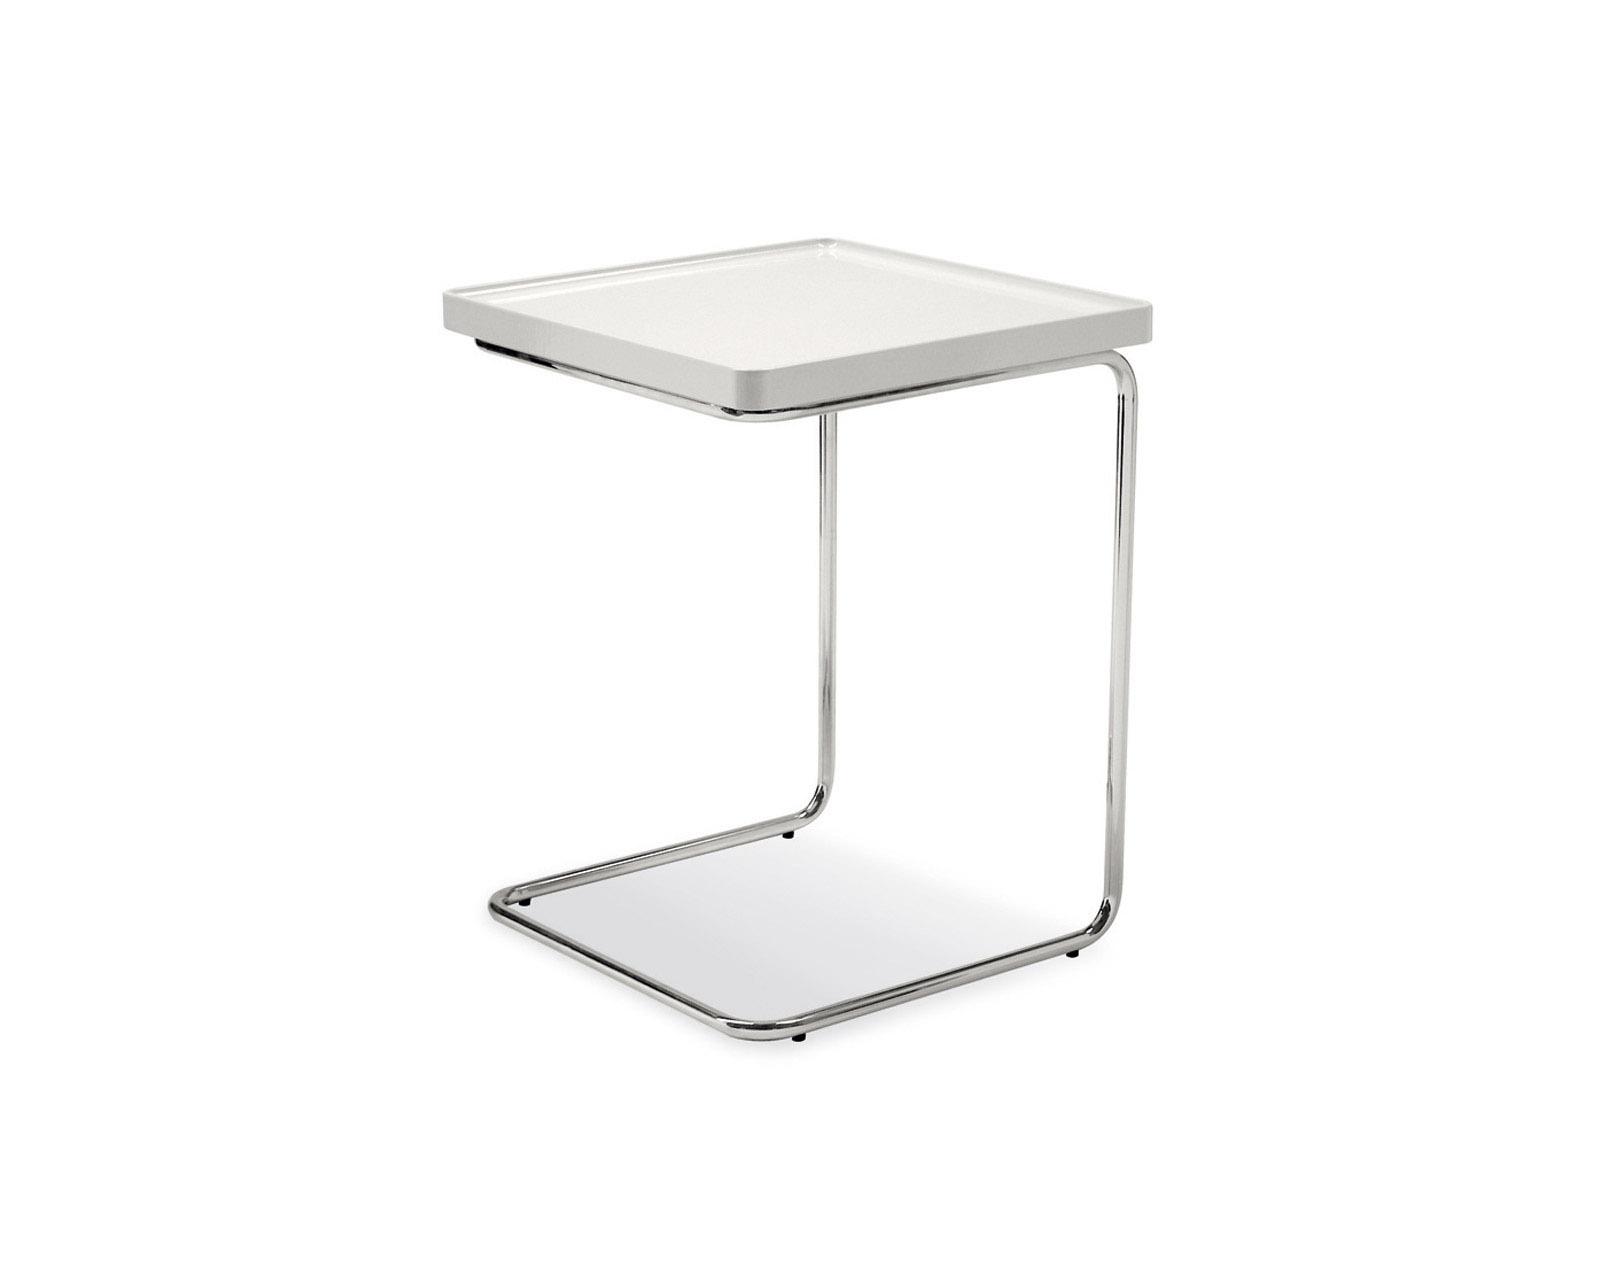 Столик 1036 tray sofa от оптима, сеть мебельных магазинов - .